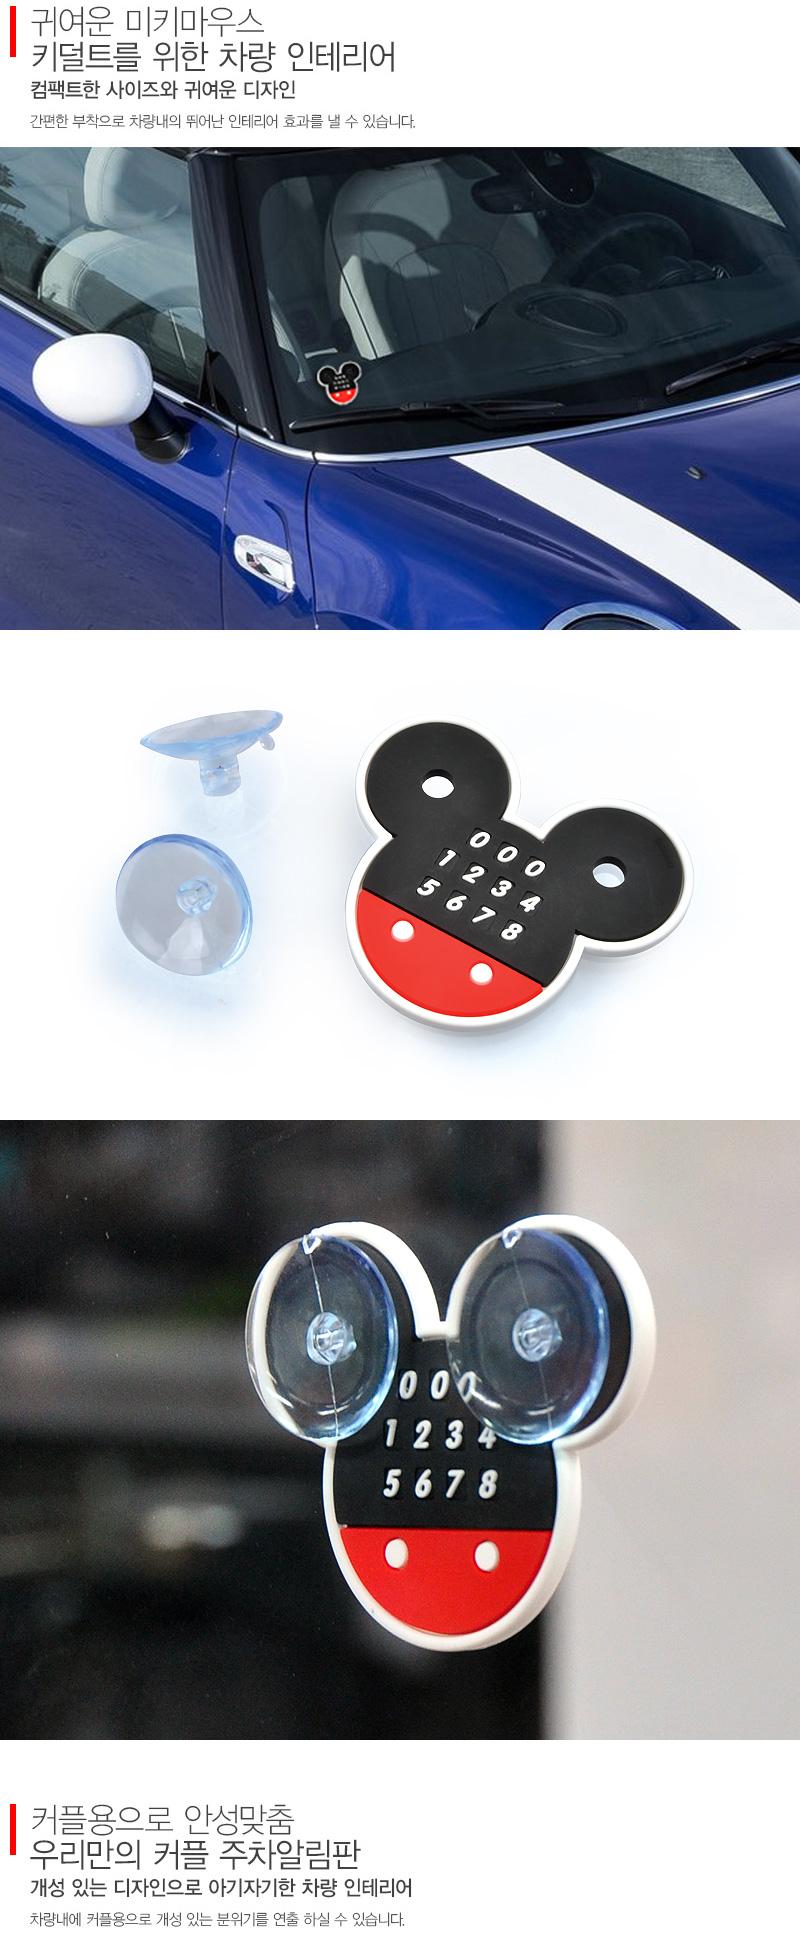 미키마우스 미키 주차번호판 블랙 - 훠링, 7,300원, 주차번호판, 아크릴/스테인레스